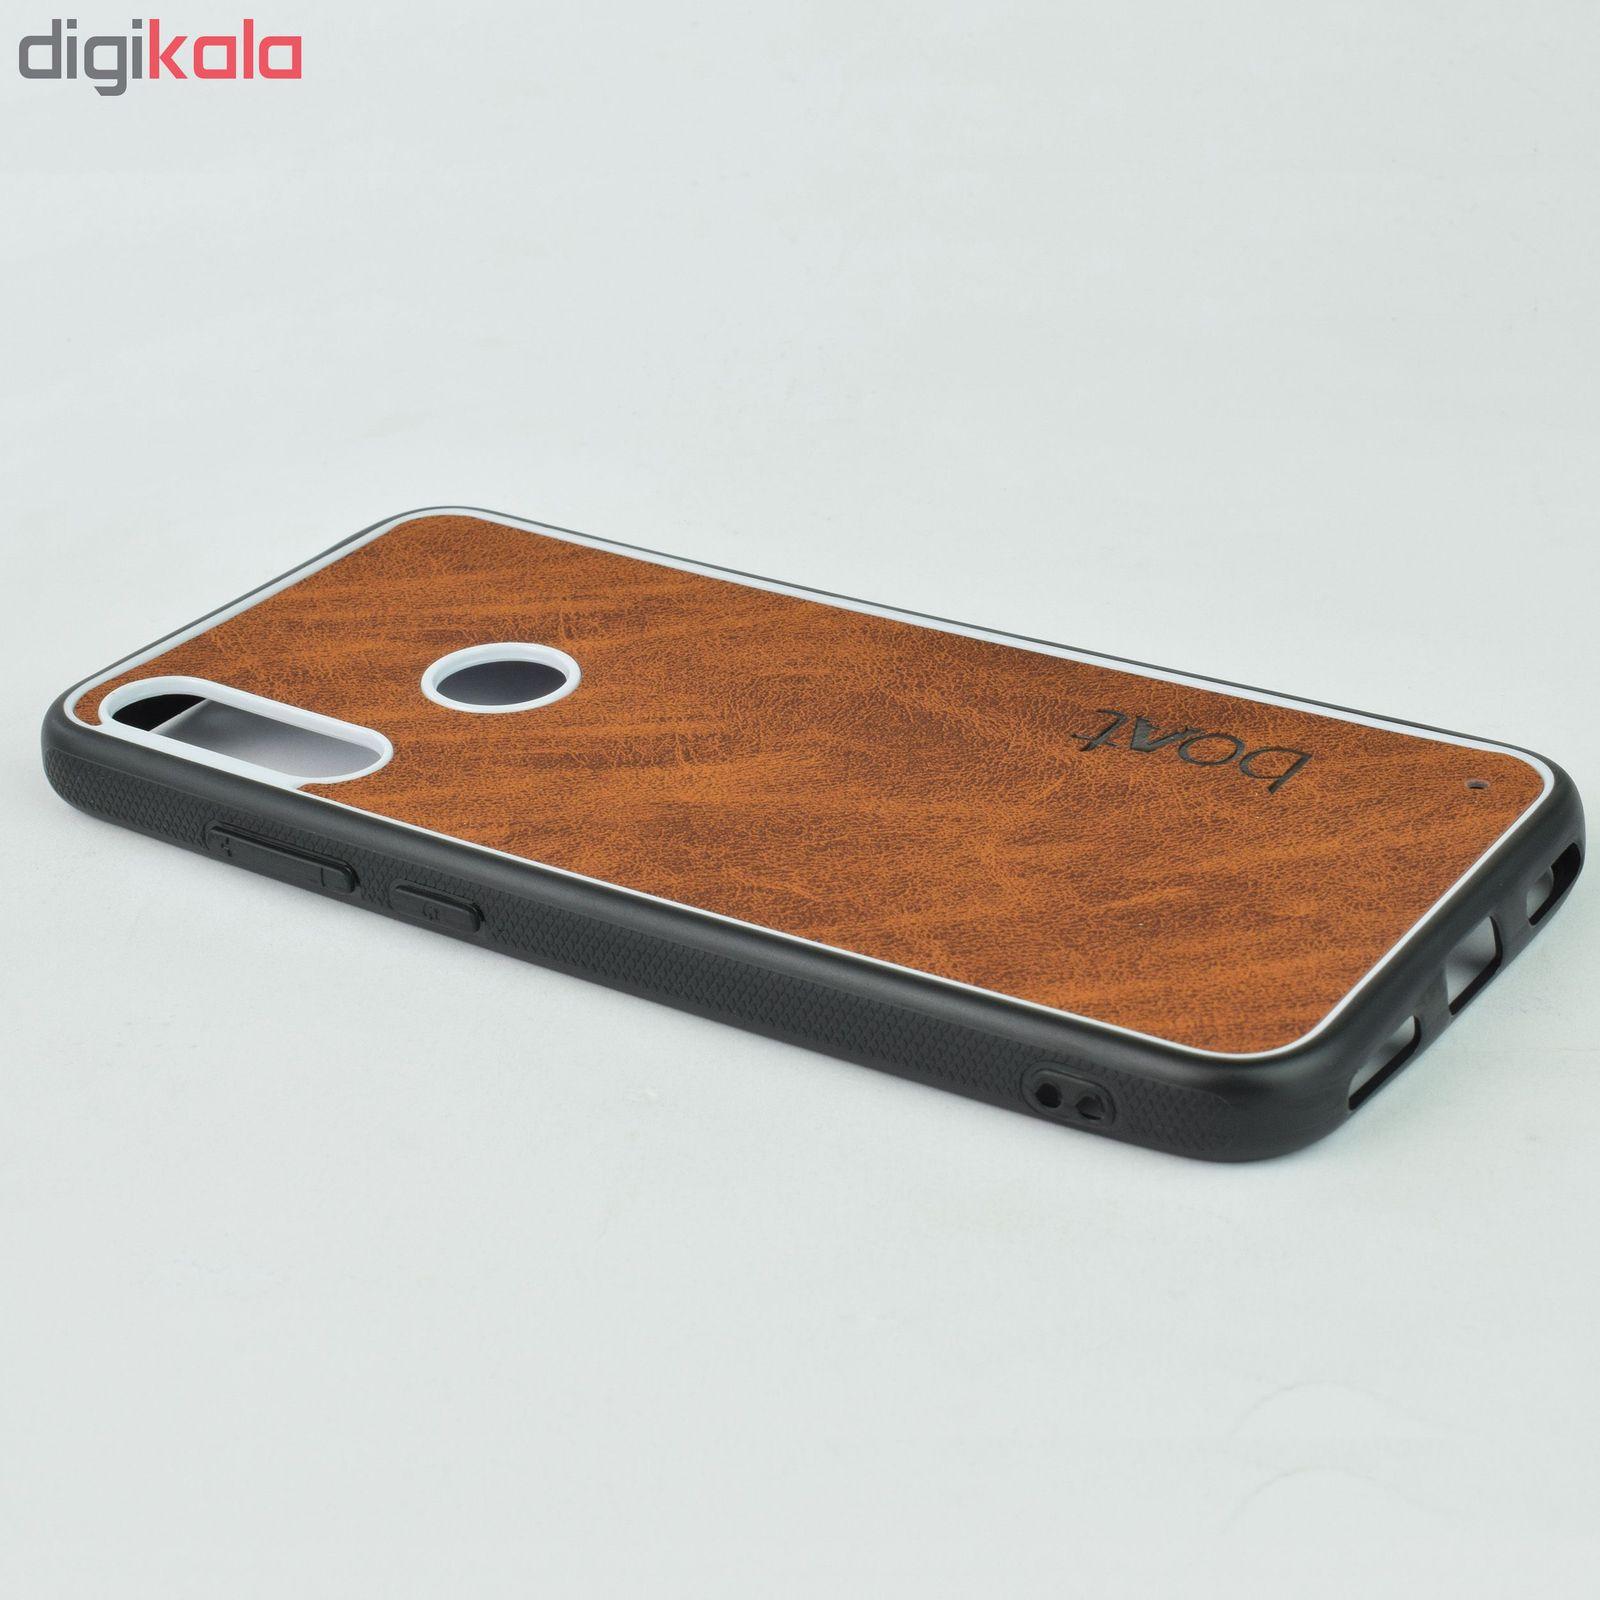 کاور مدل BT10 مناسب برای گوشی موبایل هوآوی Y6Prime 2019 main 1 6